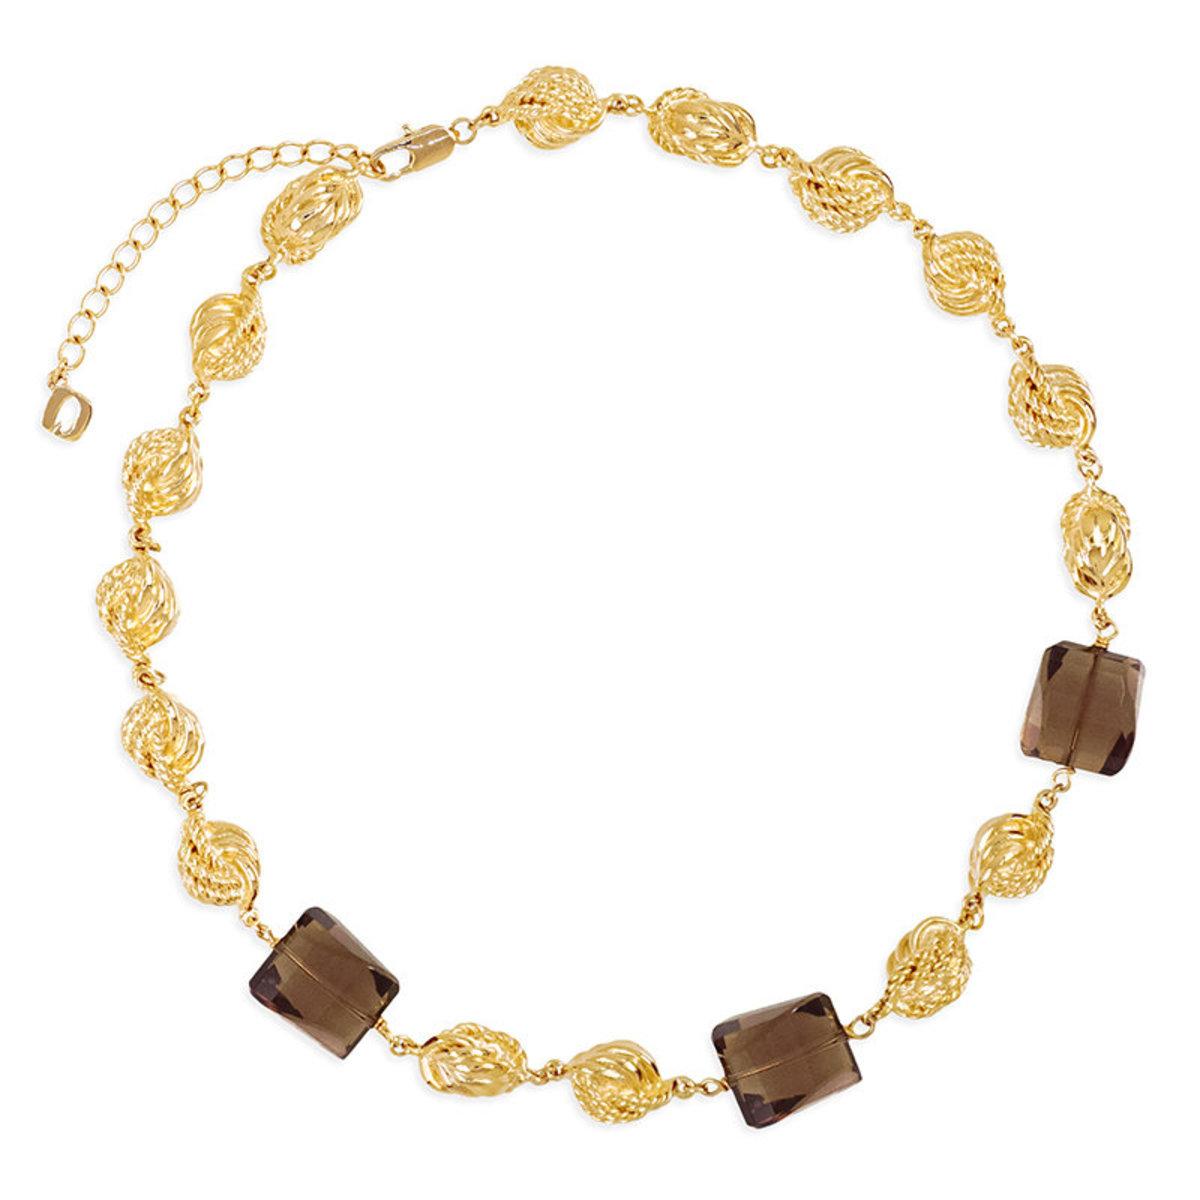 Natura bracelet: gold plating, smoky quartz necklace